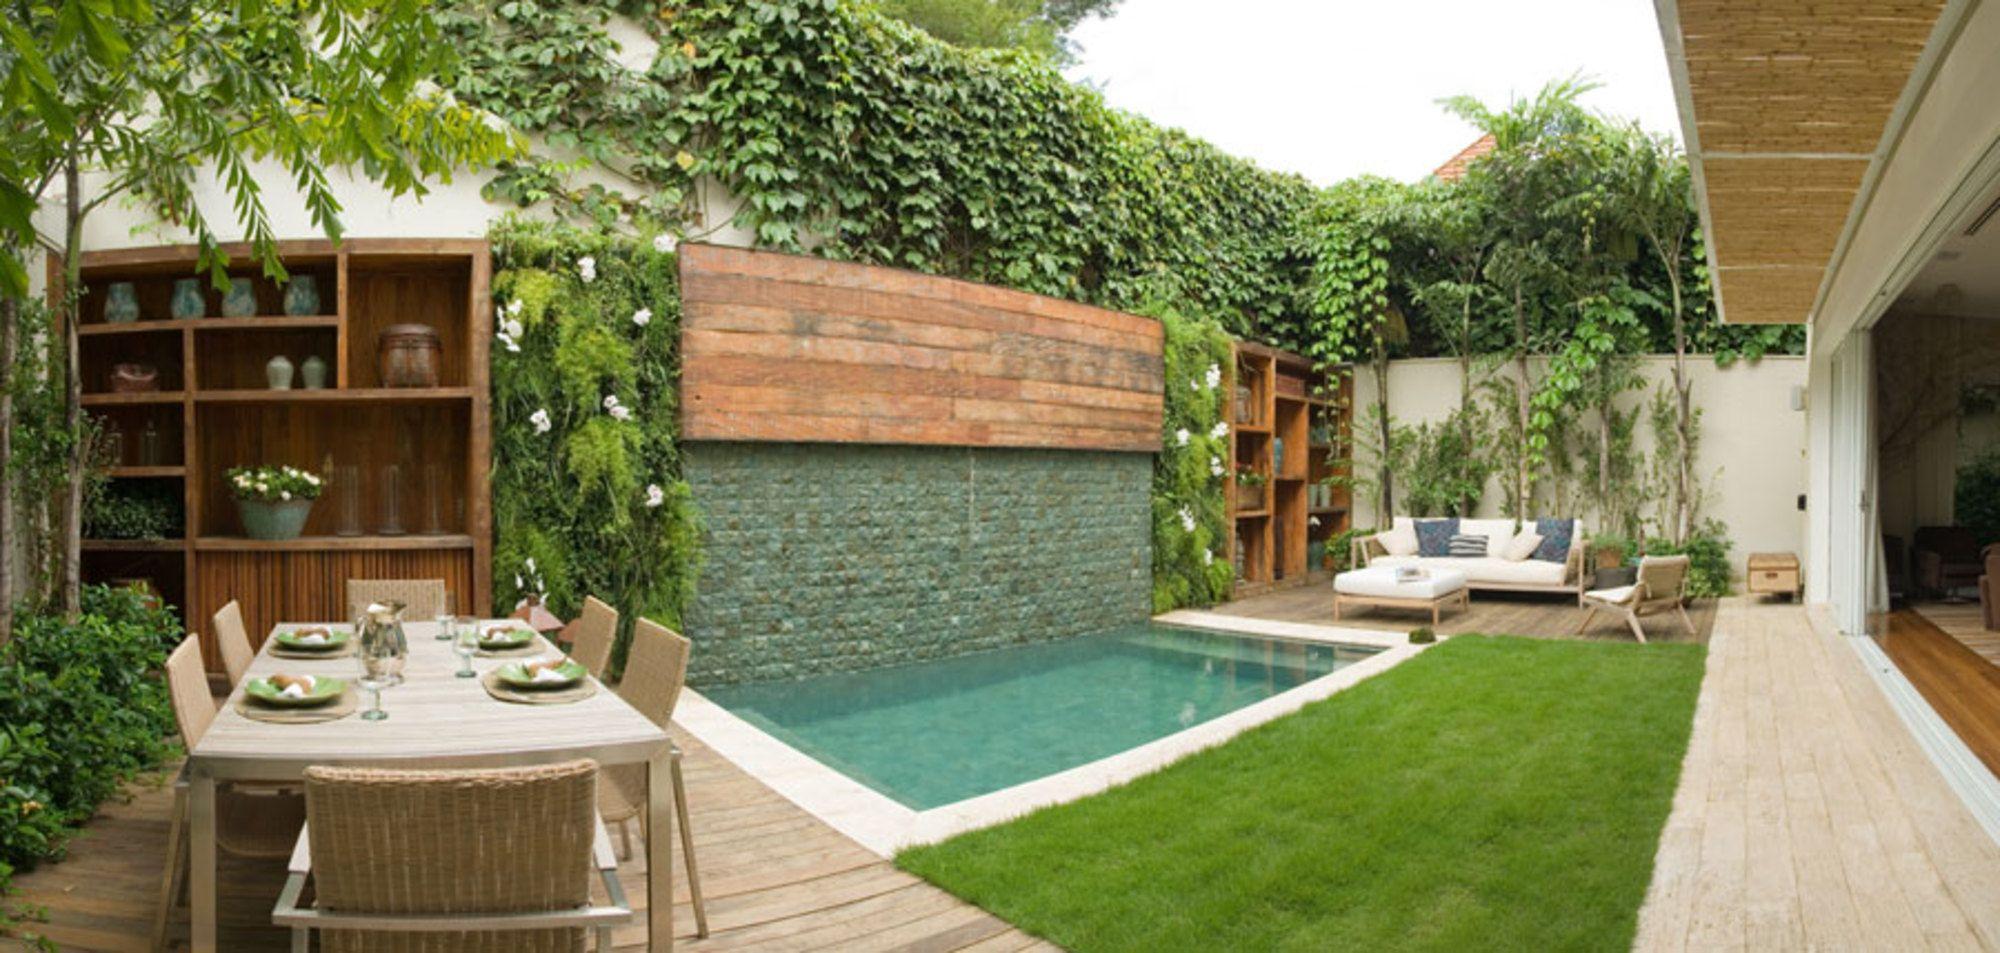 Jardins com piscinas pequenas buscar con google for Disenos de piscinas para casas pequenas